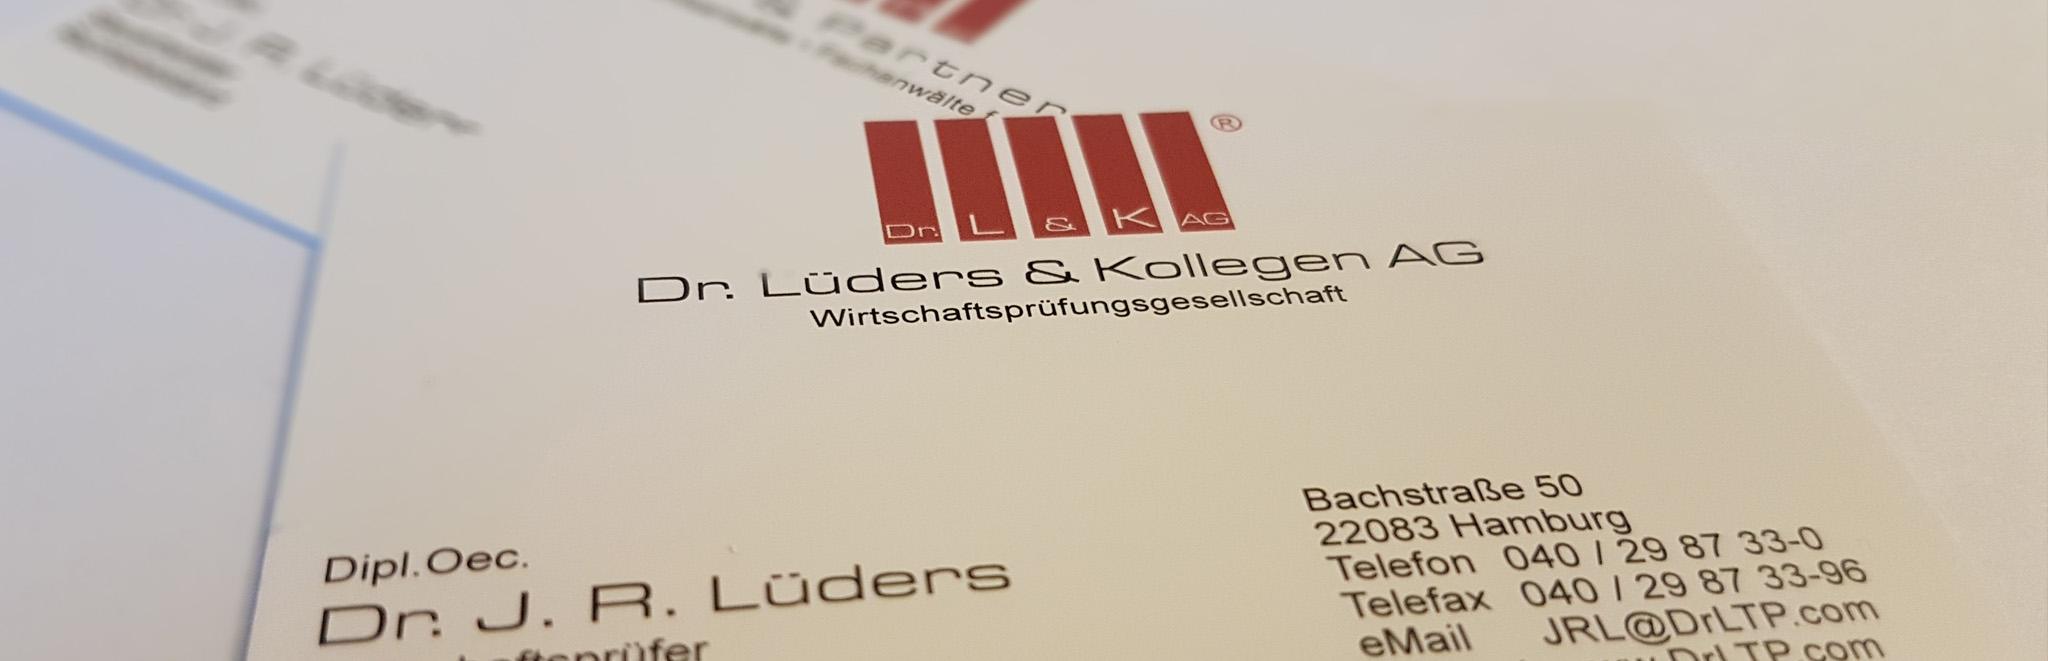 Dr. Lüders & Kollegen